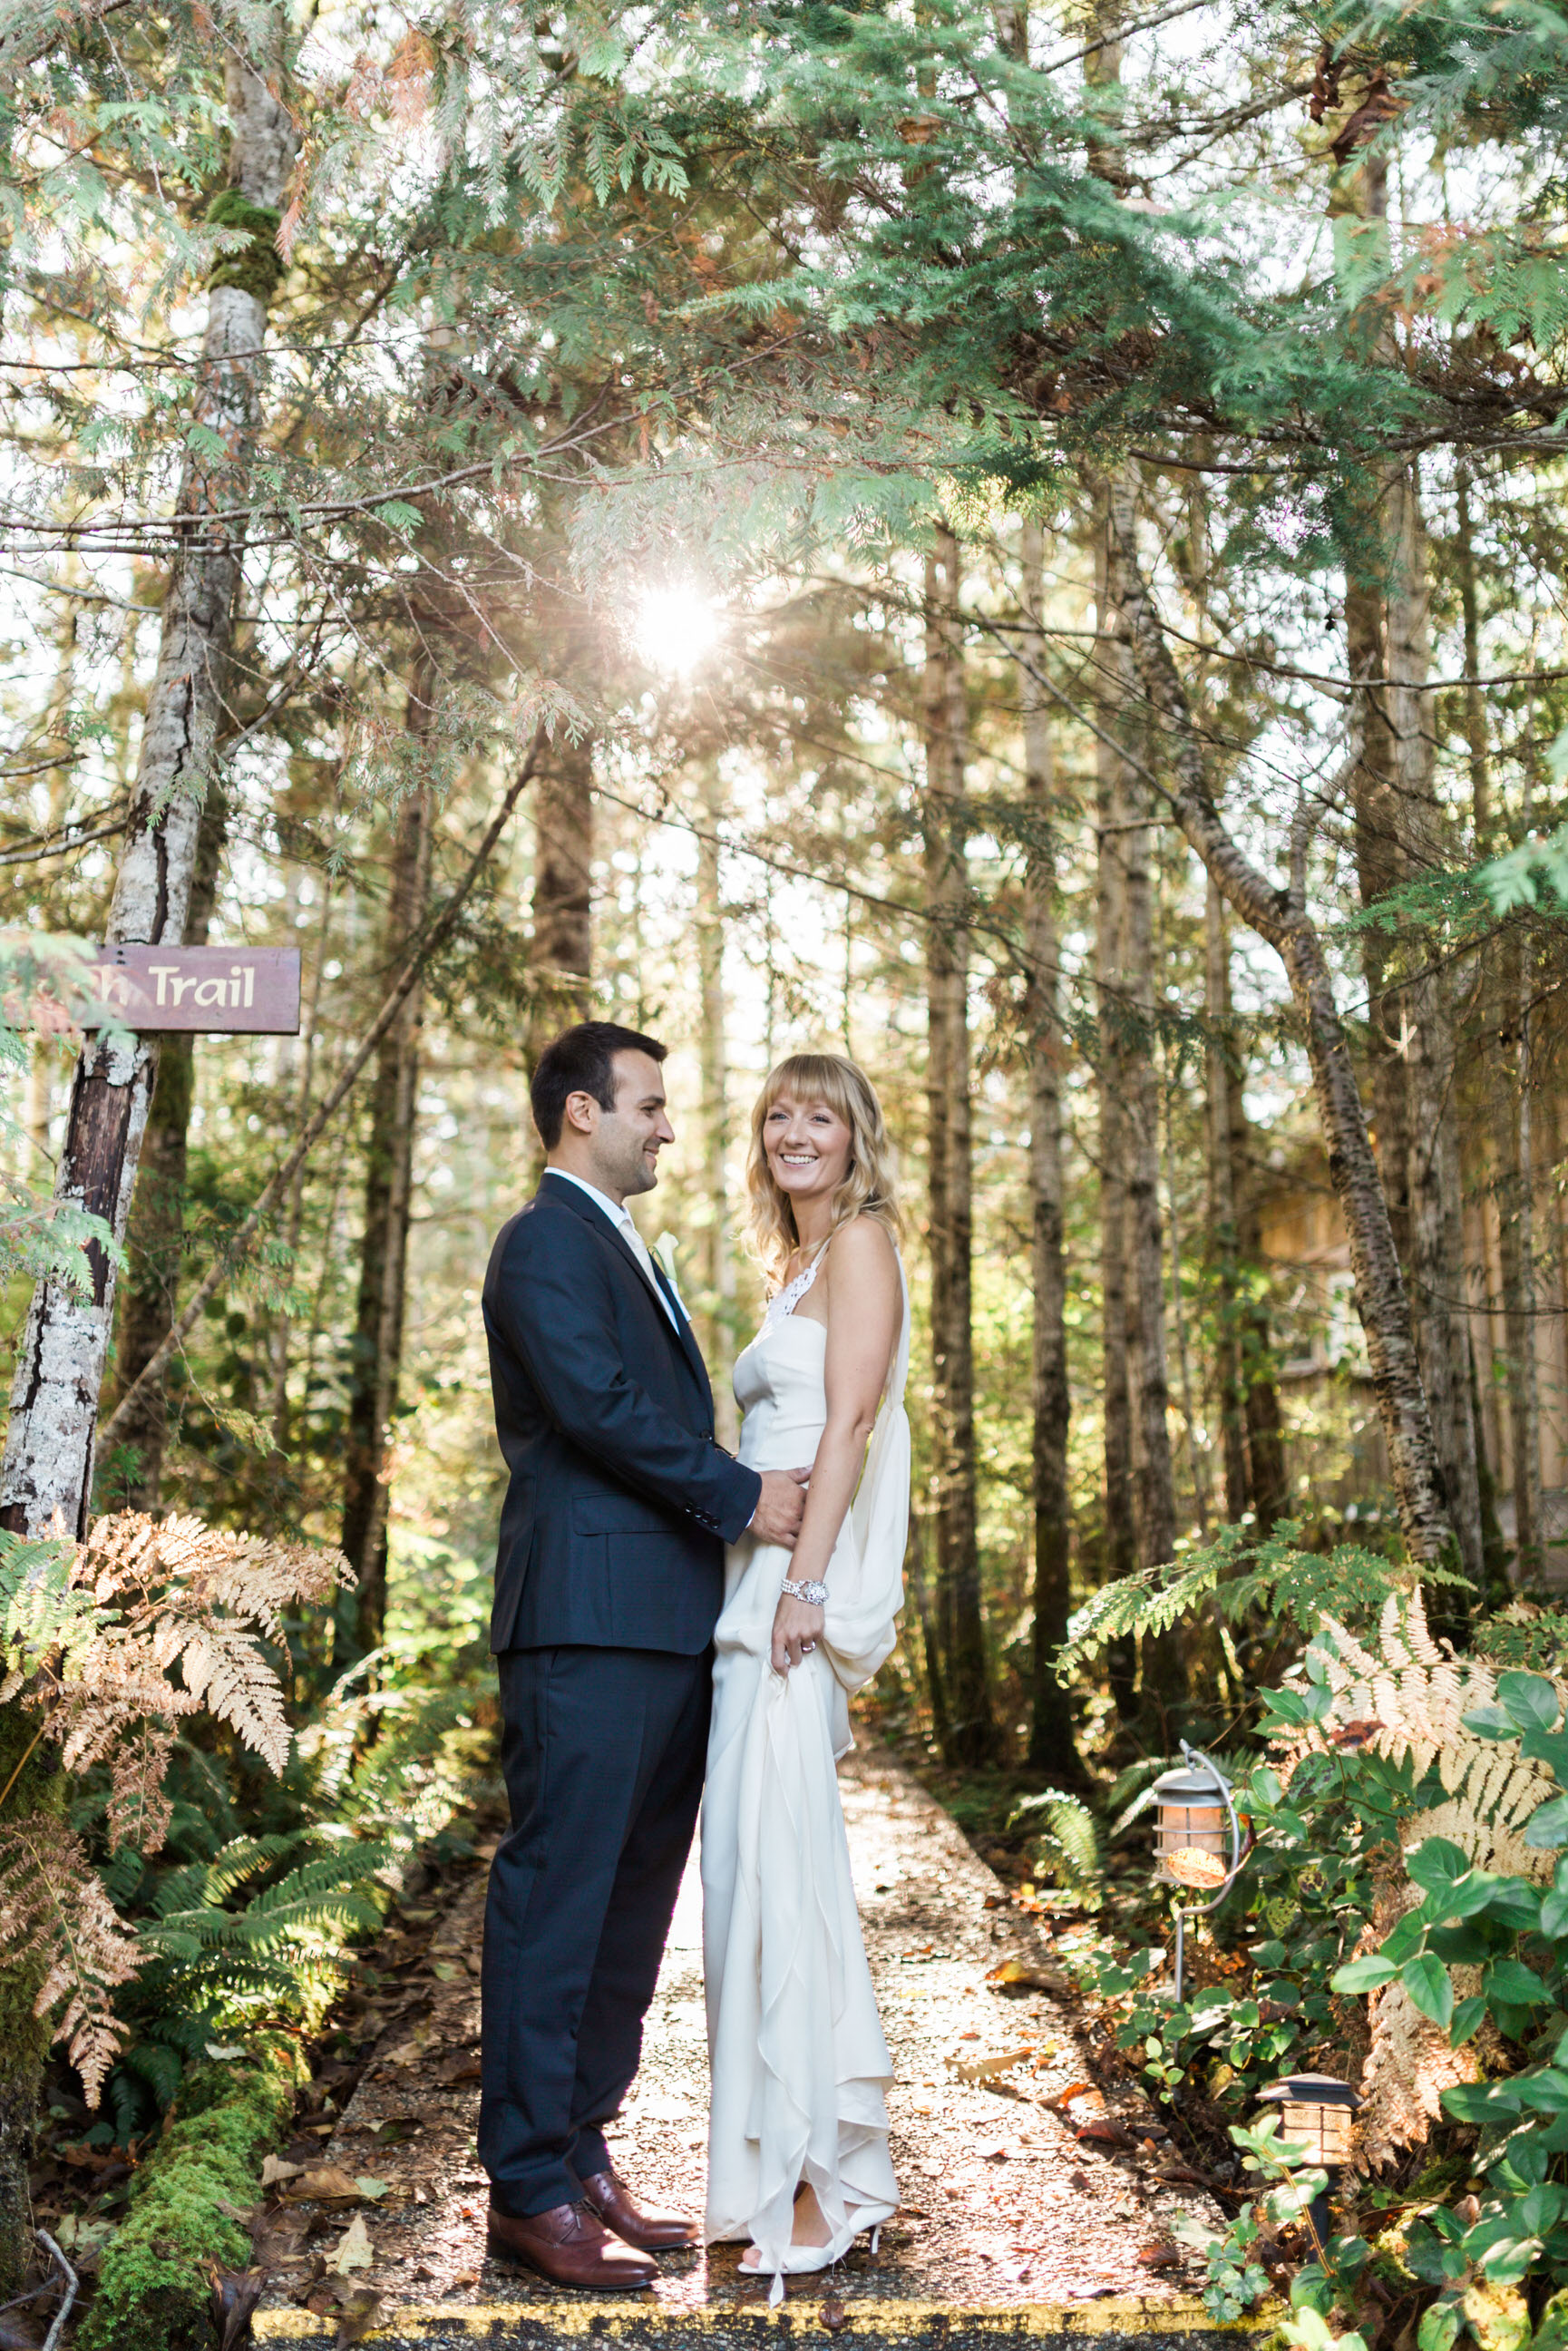 Sunshine Coast Wedding Photographer - Vancouver Wedding Photographer - West Coast Wilderness Lodge Wedding - Jennifer Picard Photography - IMG_7353.jpg